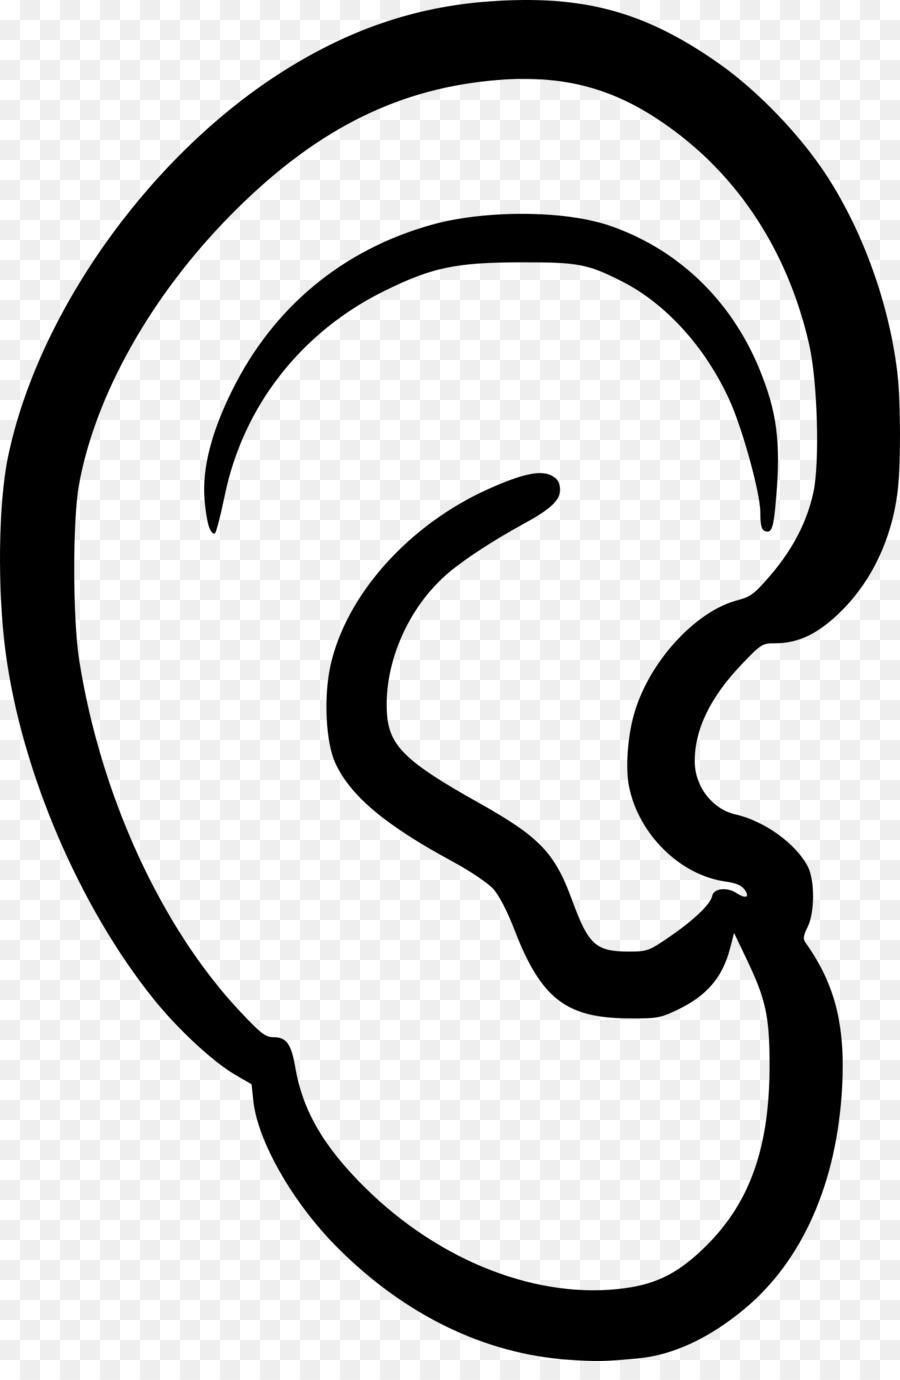 Anatomía del oído Clip art - oreja de oro png dibujo - Transparente ...